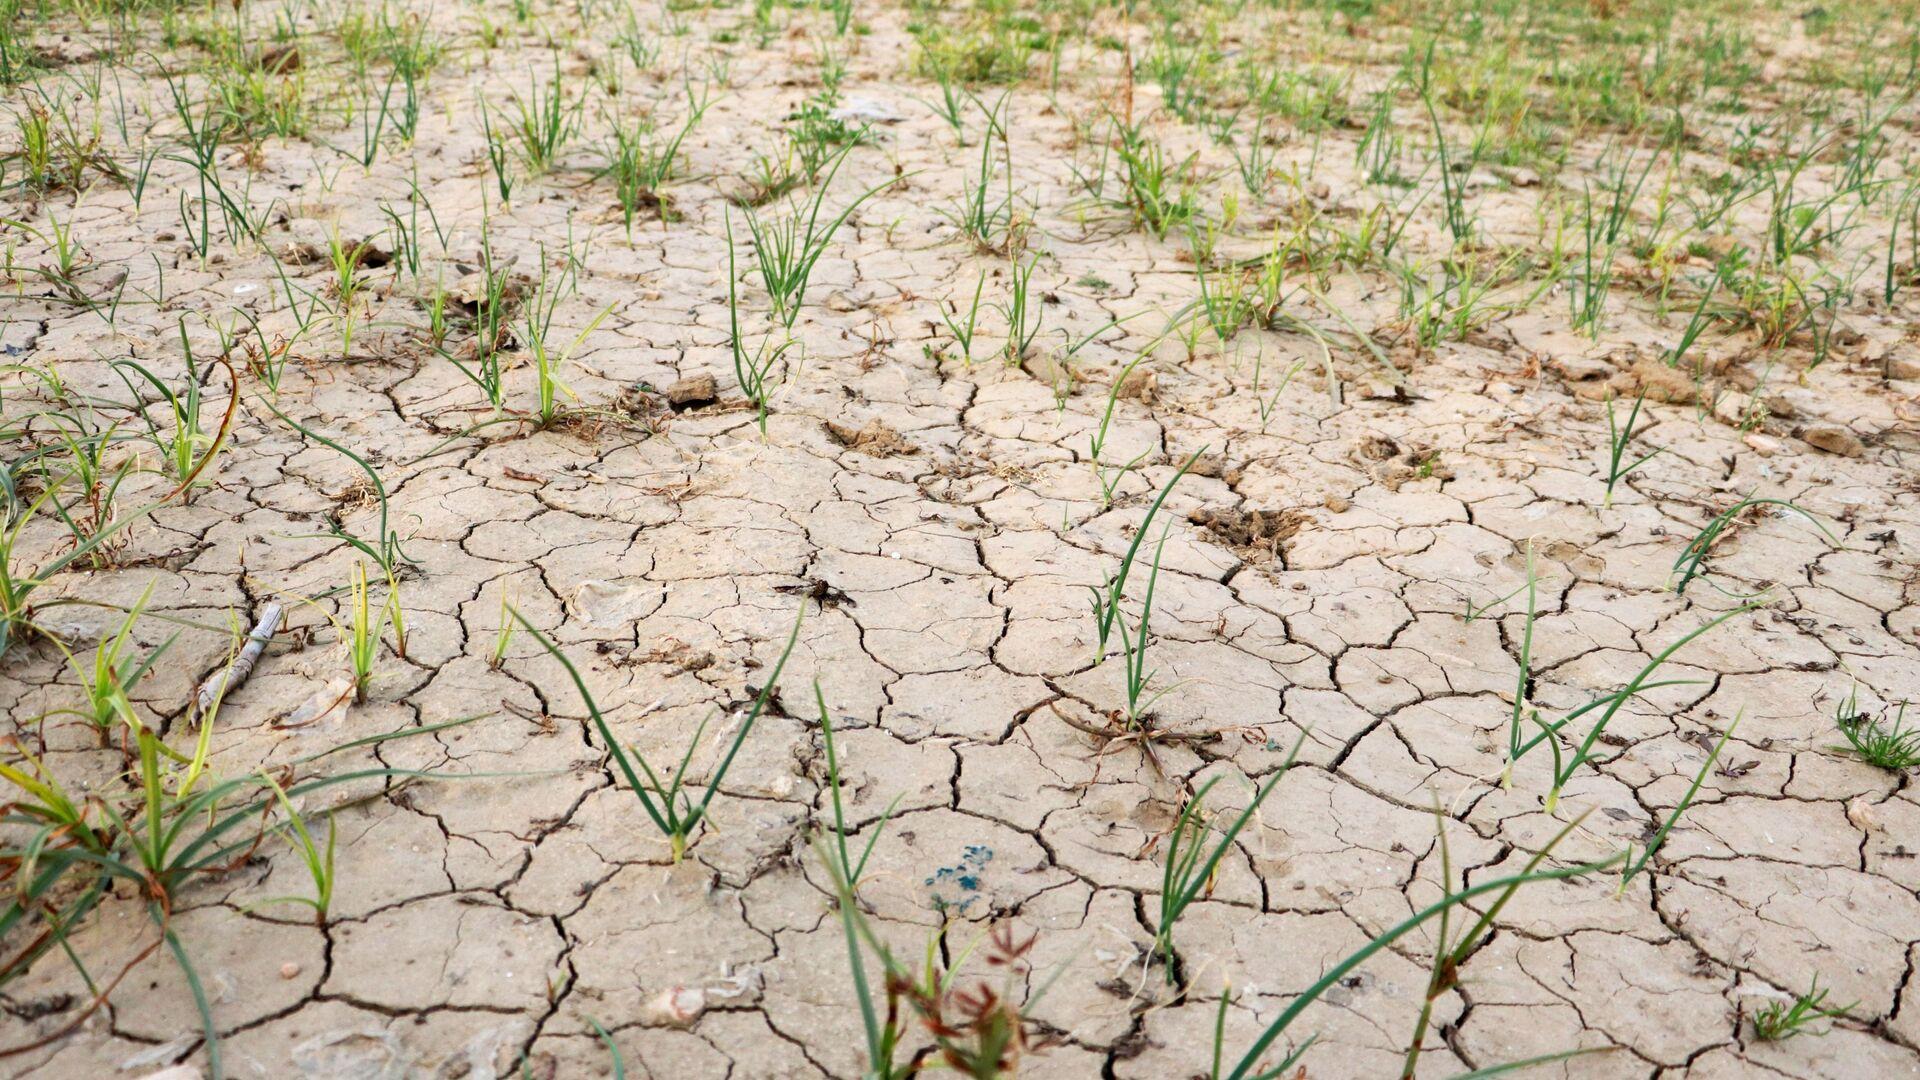 Adana'da son 92 yılın en kurak kışı yaşanıyor - Sputnik Türkiye, 1920, 09.09.2021